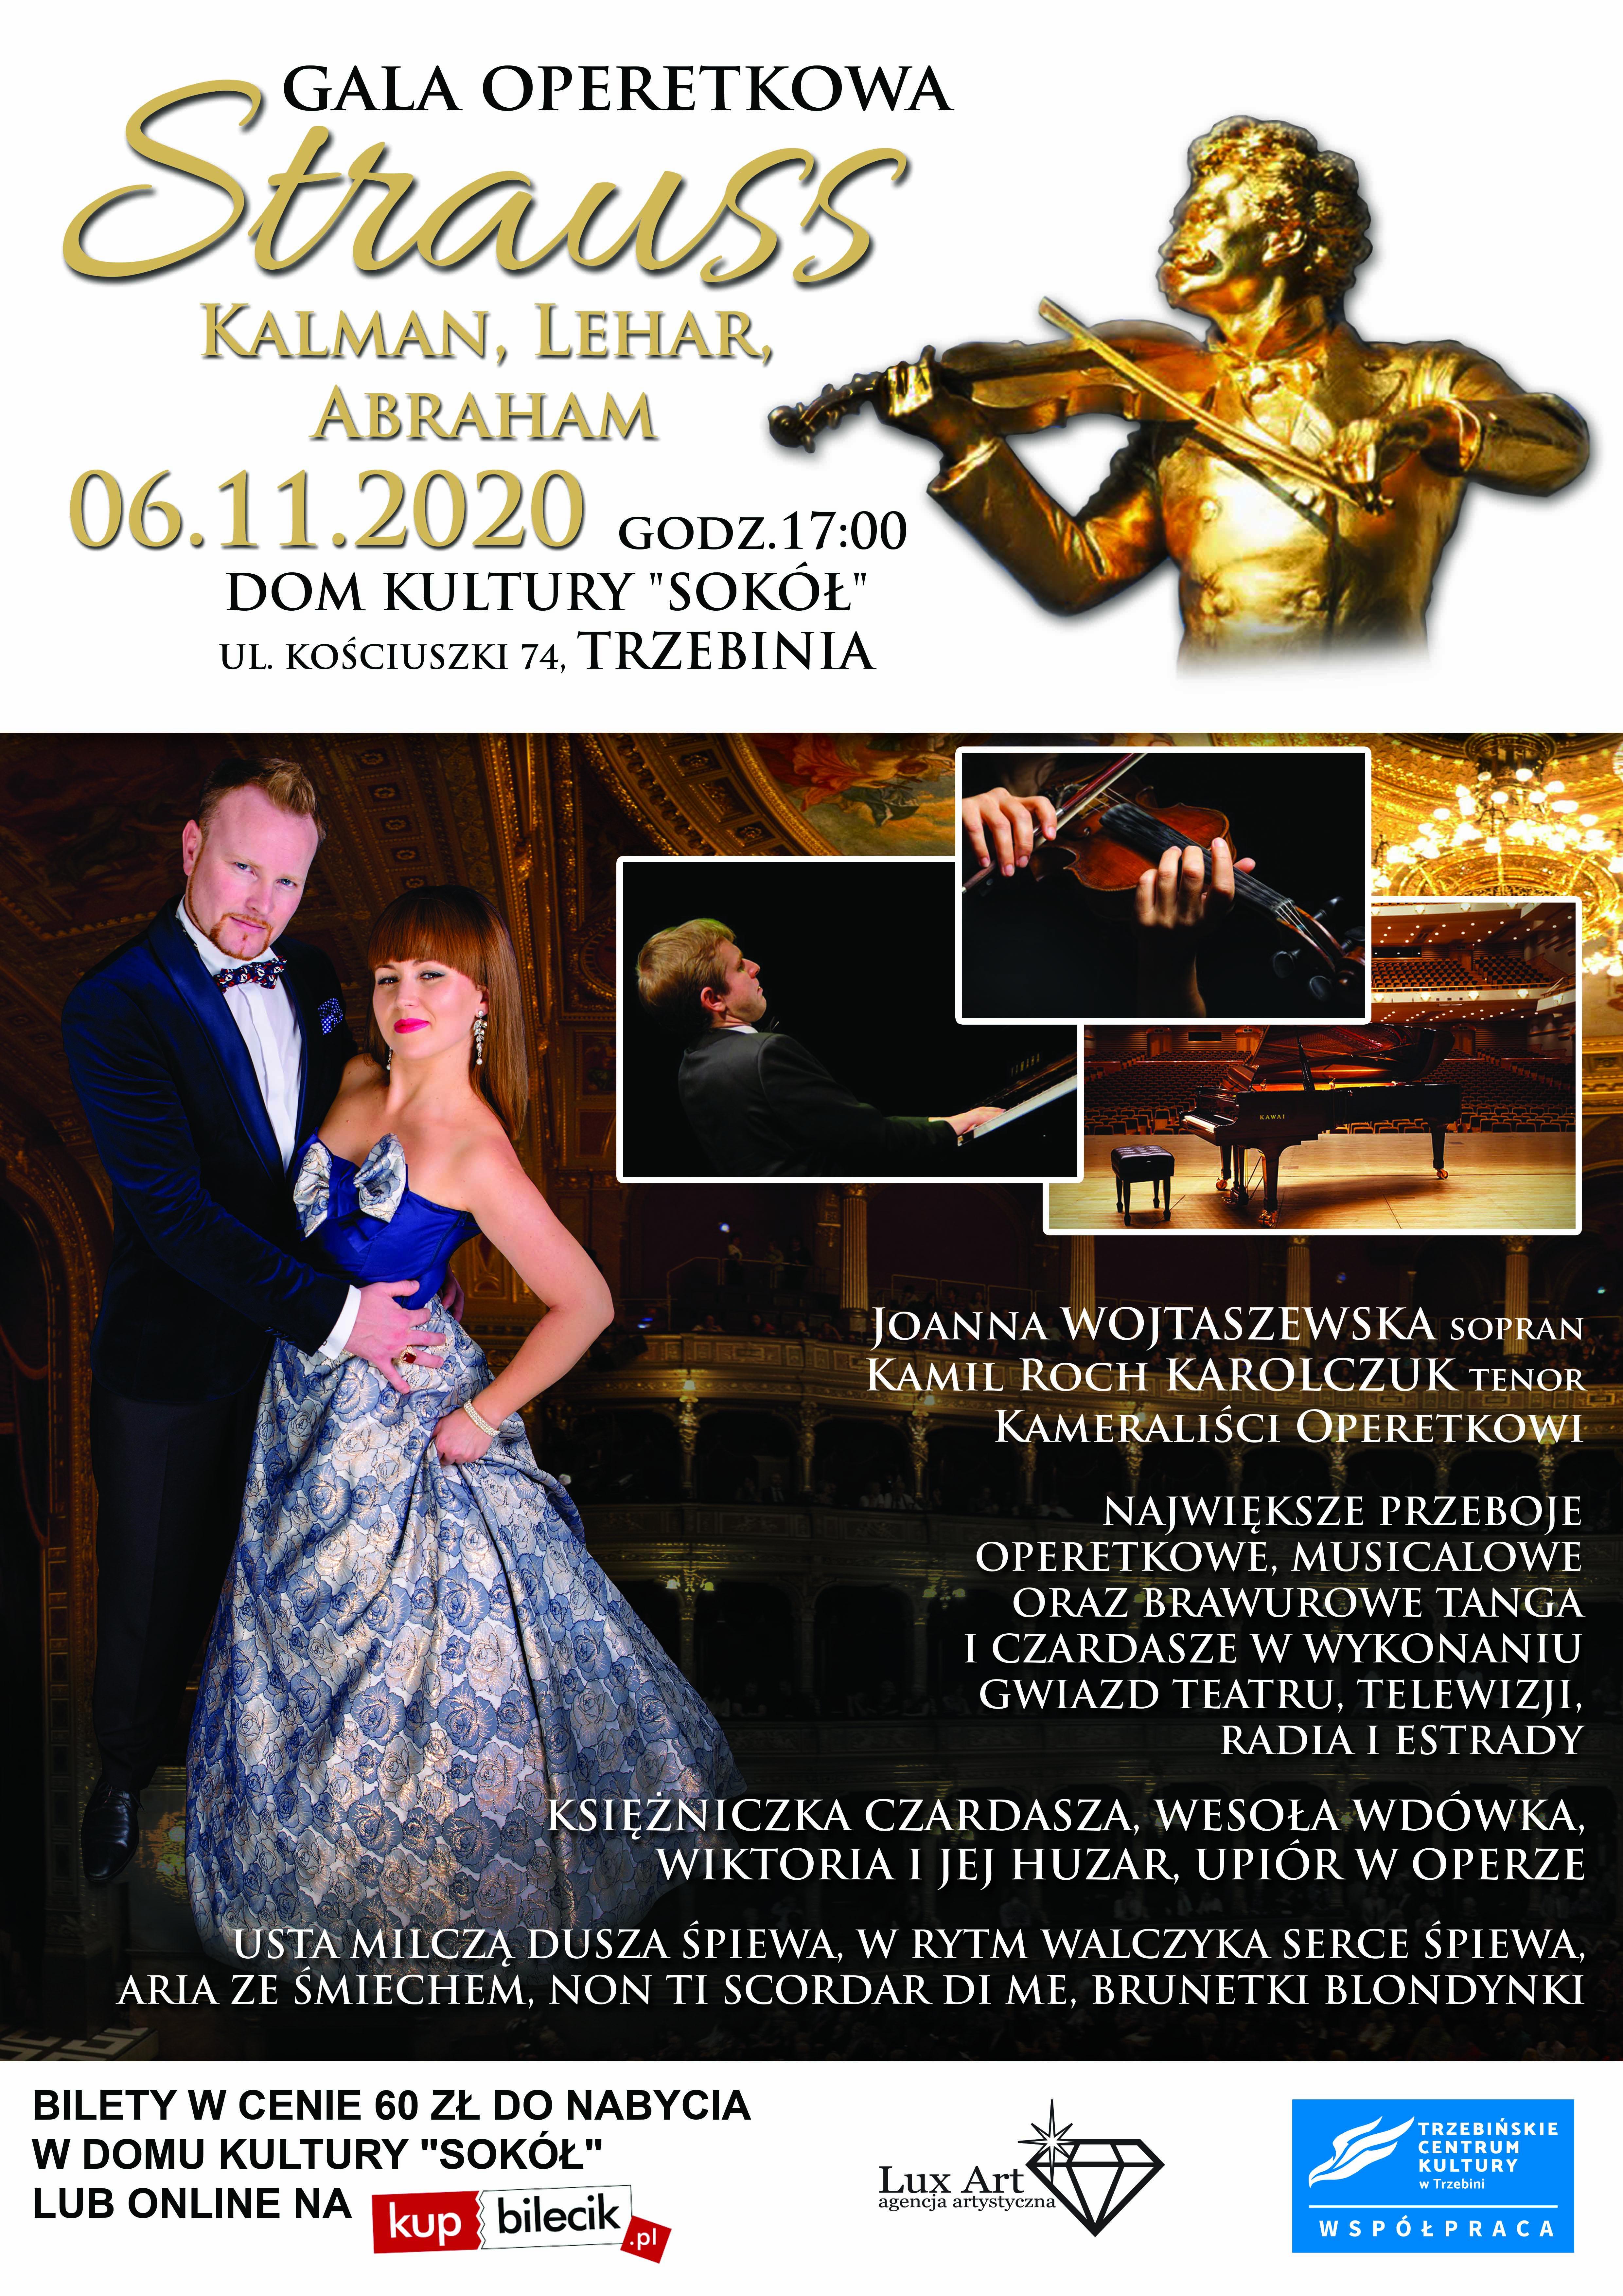 Gala Opertetkowa - spektakl odwołany